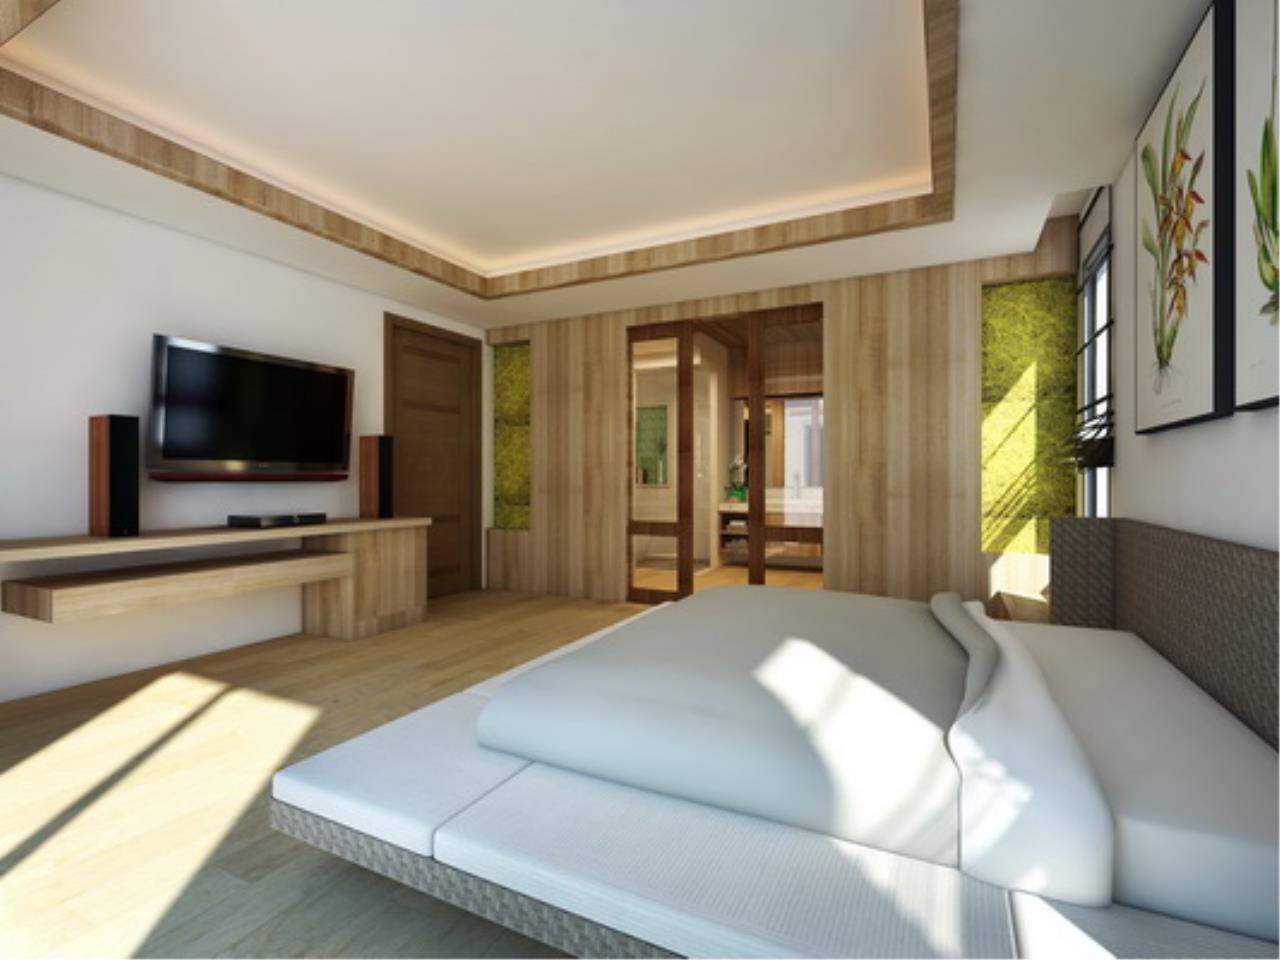 REAL Phuket  Agency's Botanica Villas (Phase III) - Contemporary 3-Bedroom Pool Villa at Layan Beach 3